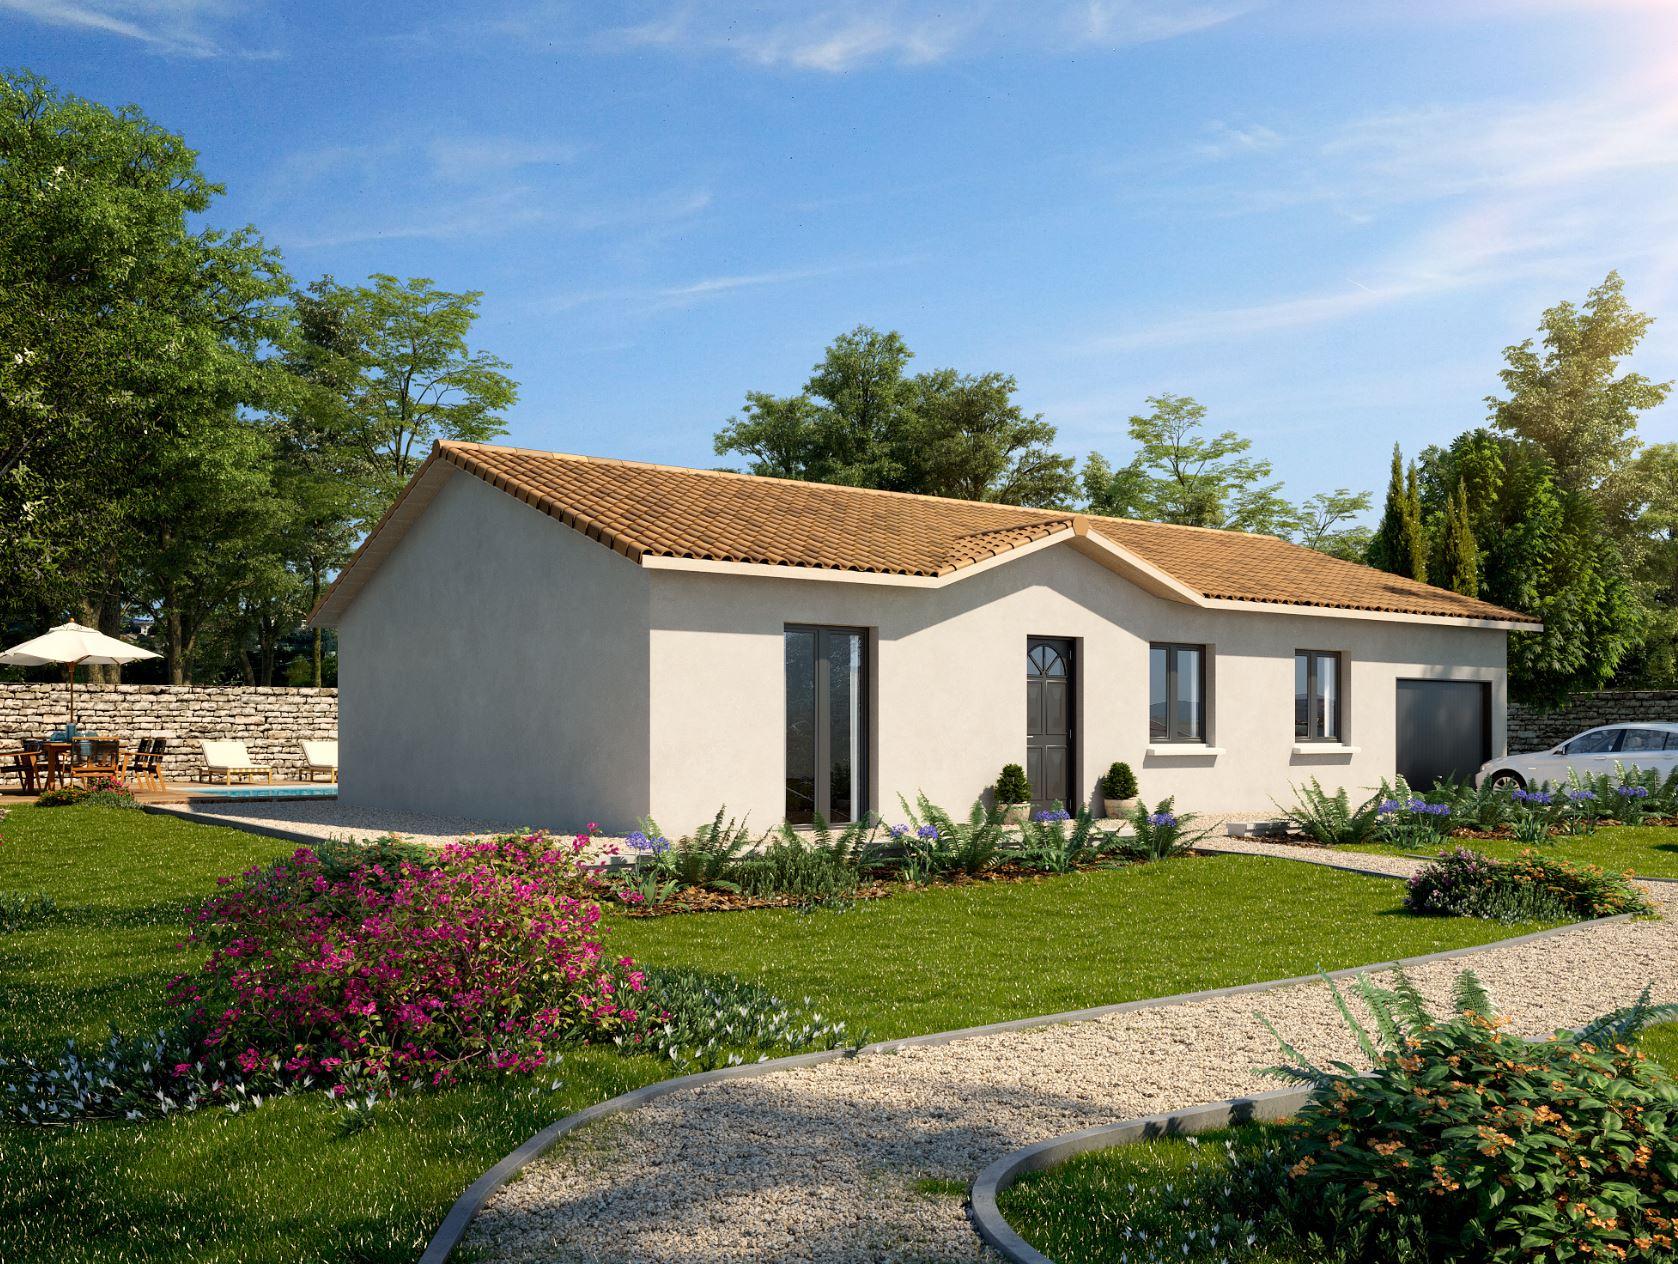 Maisons + Terrains du constructeur MAISONS PUNCH SIEGE SOCIAL • 92 m² • TAPONAS